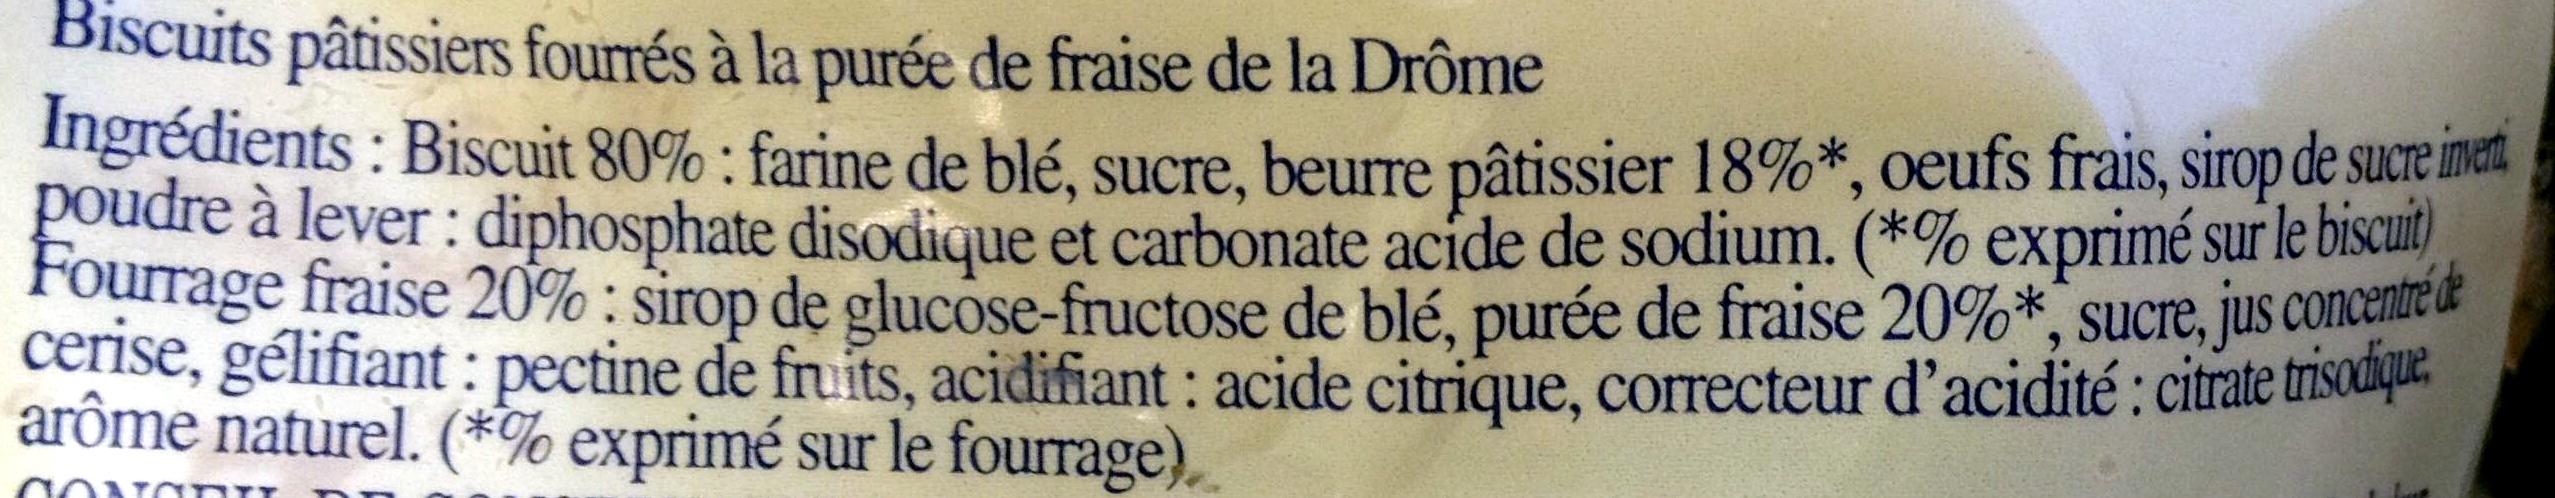 Lunettes de Romans fourrées à la fraise de la Drôme - Ingrédients - fr